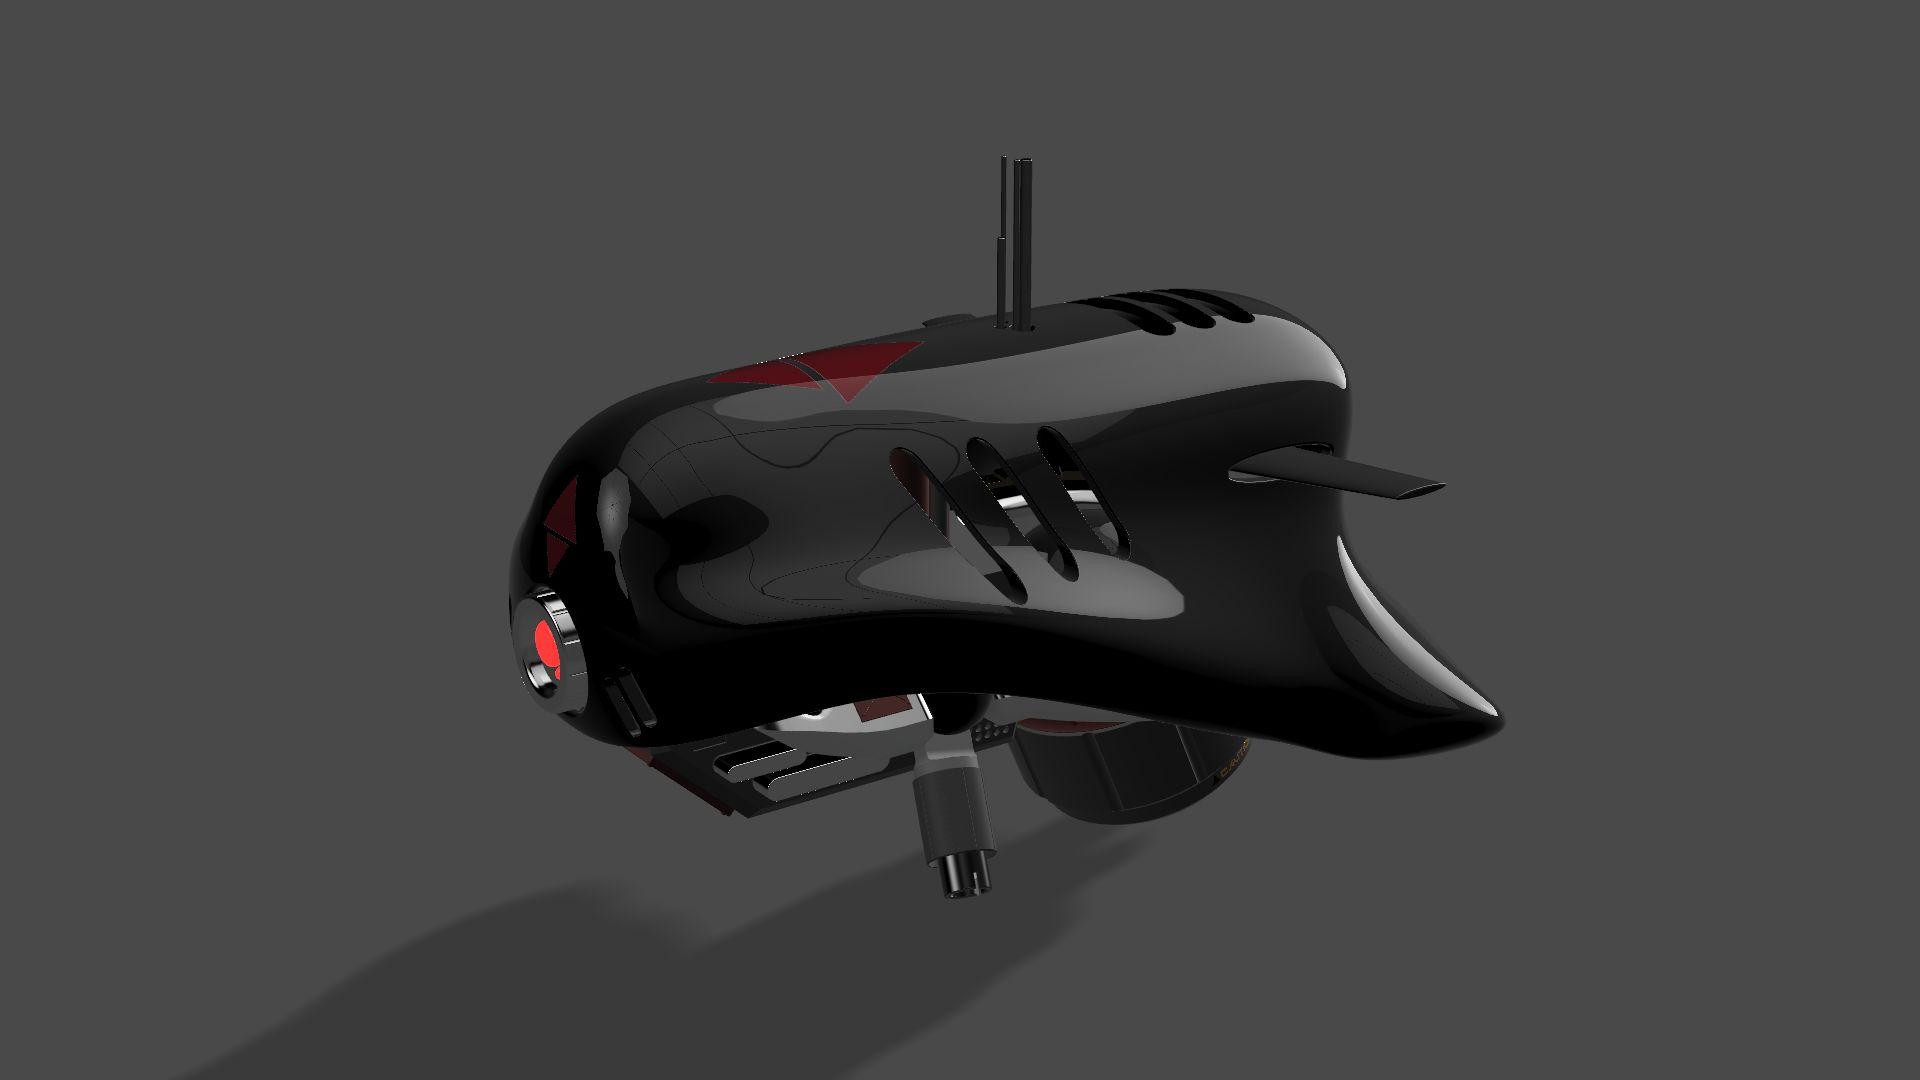 Drone-1-3500-3500